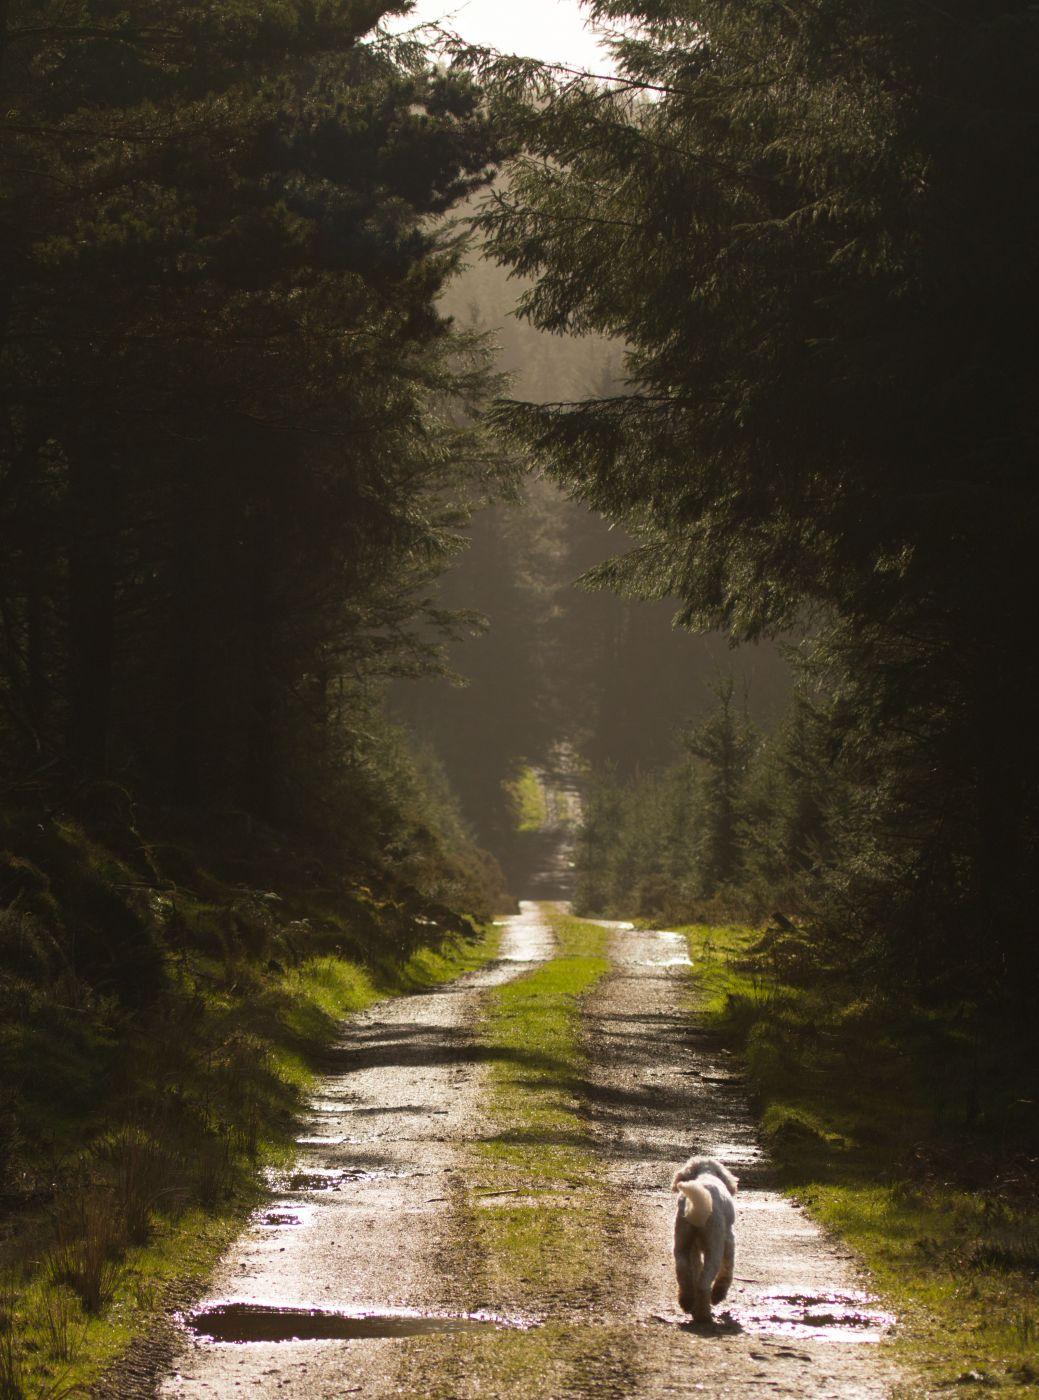 Croghan forest walk, Ireland